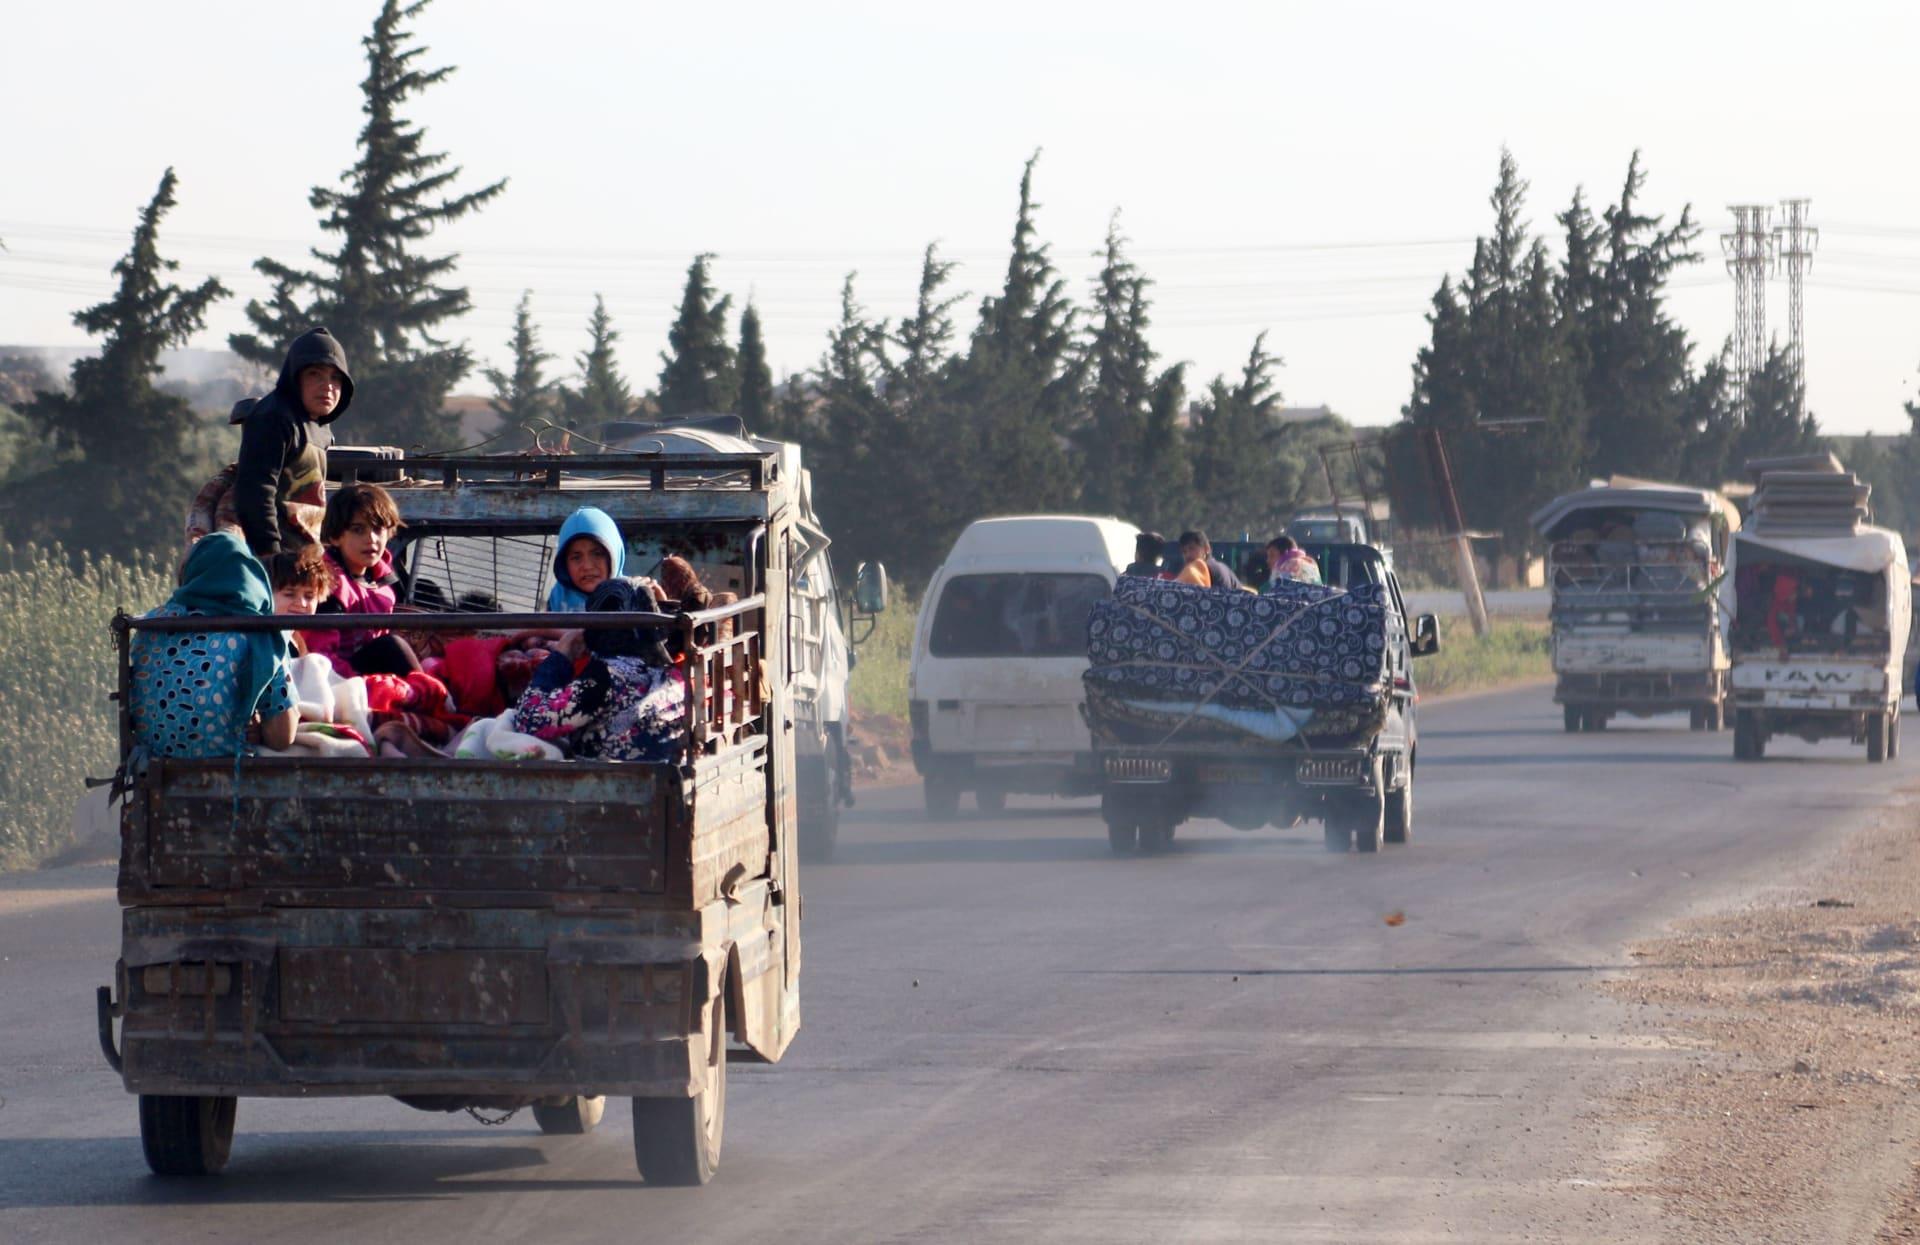 رأي.. سقوط آخر معاقل الإرهاب الإسلامي والنفوذ التركي في سوريا